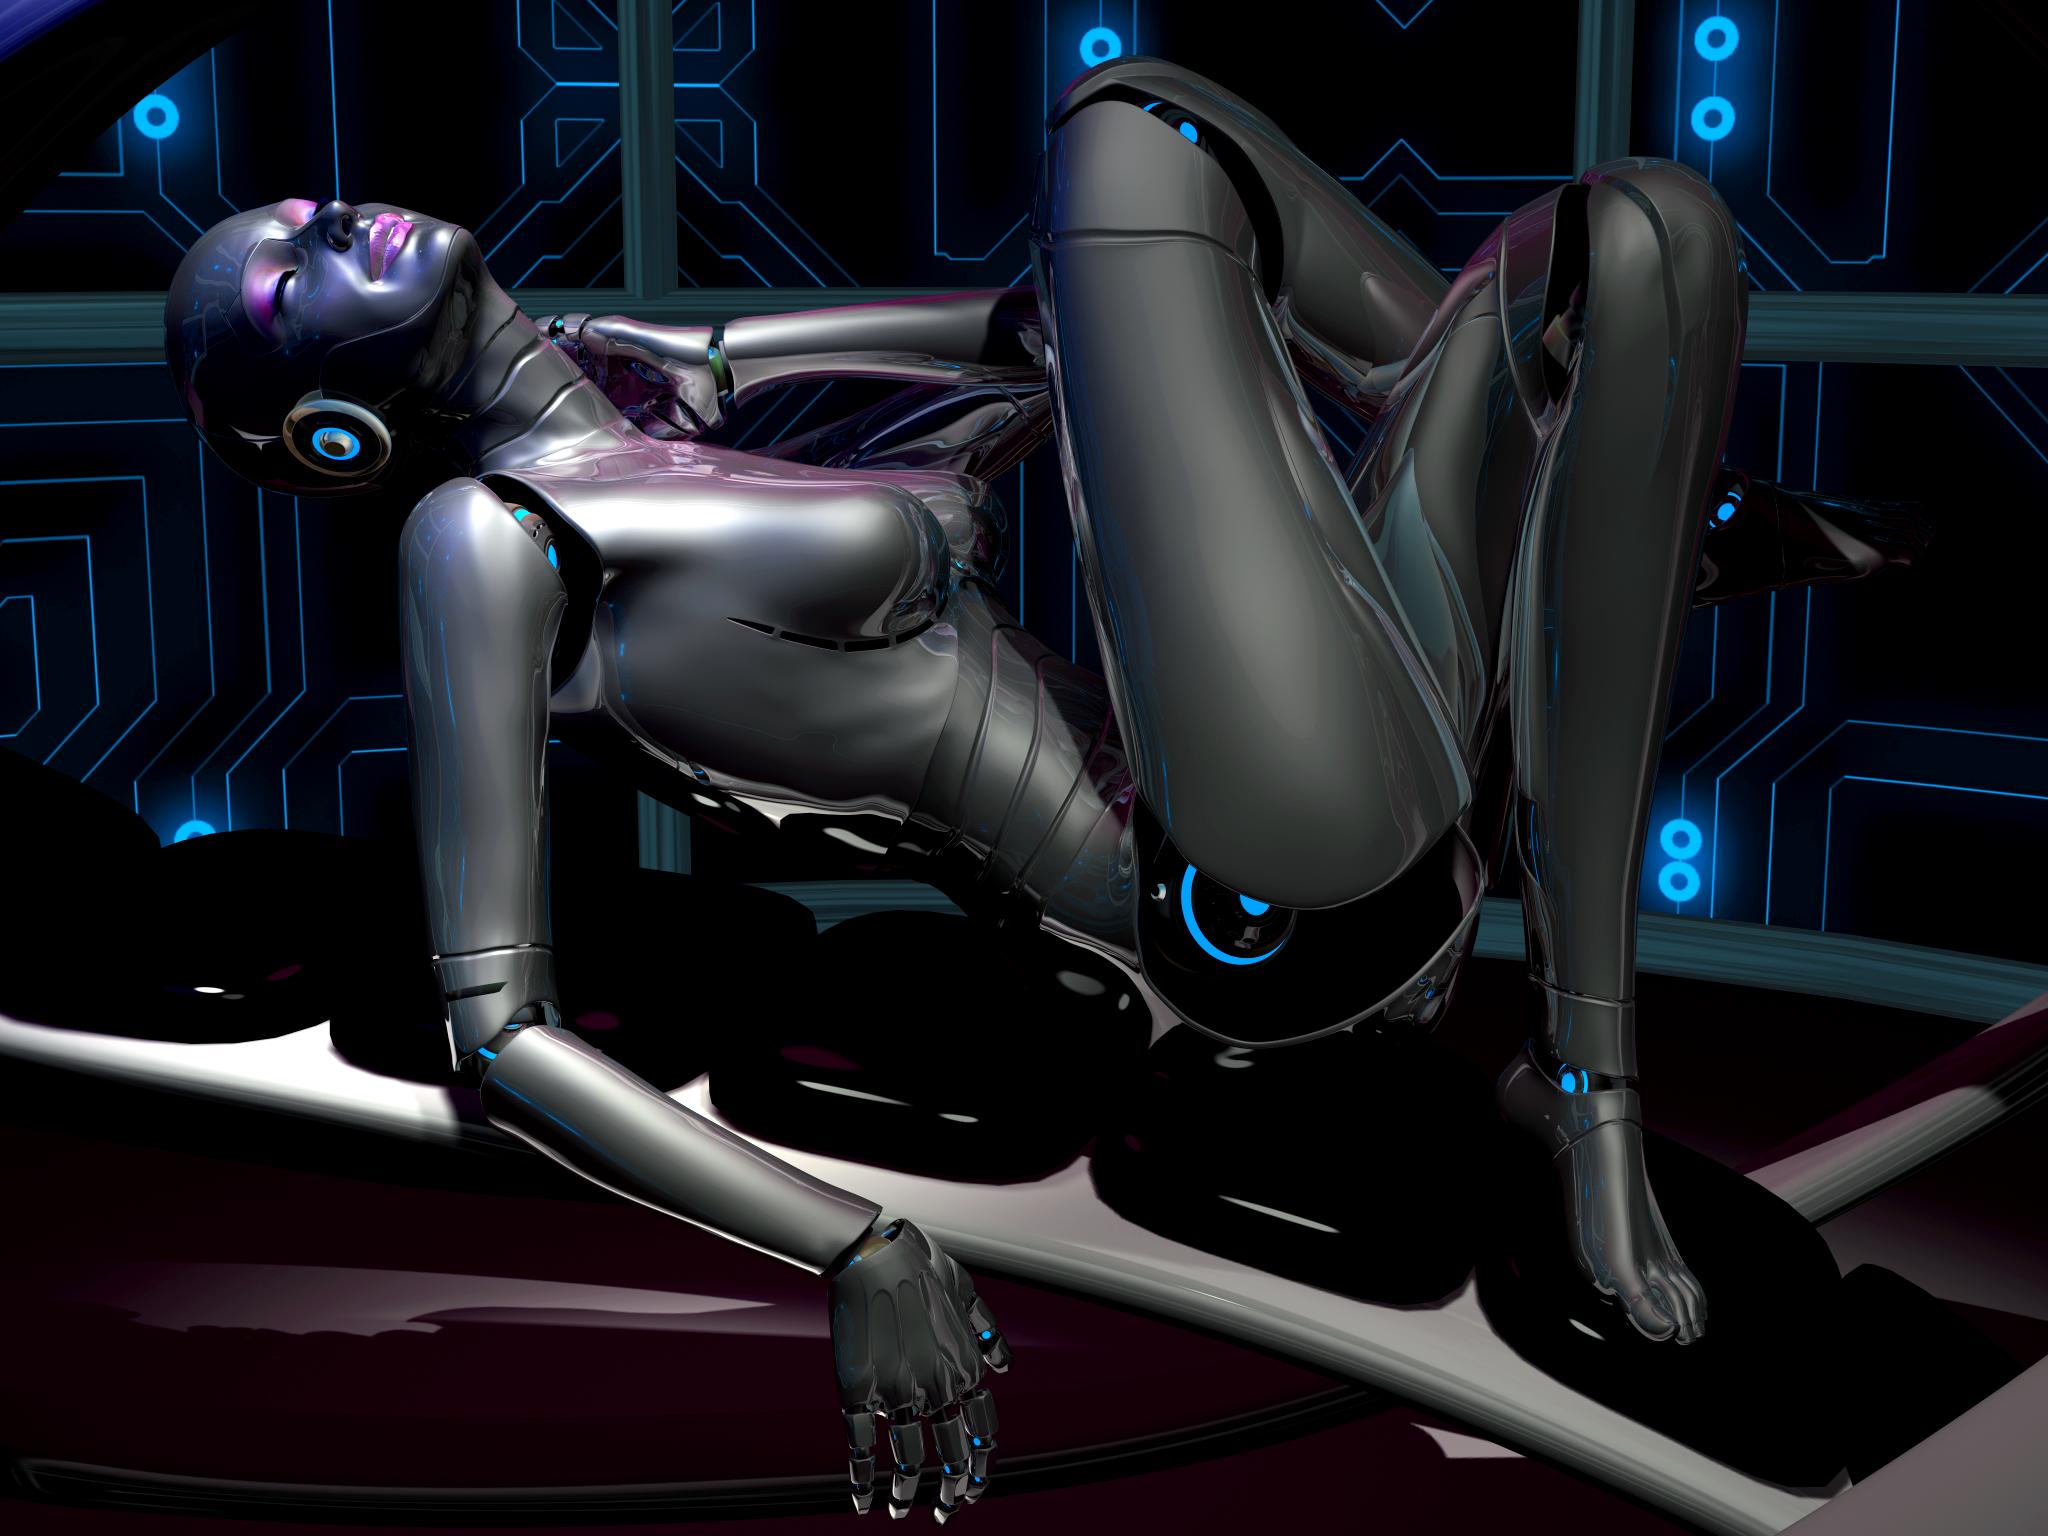 Gynoid-Nicole 4 by TweezeTyne on DeviantArt